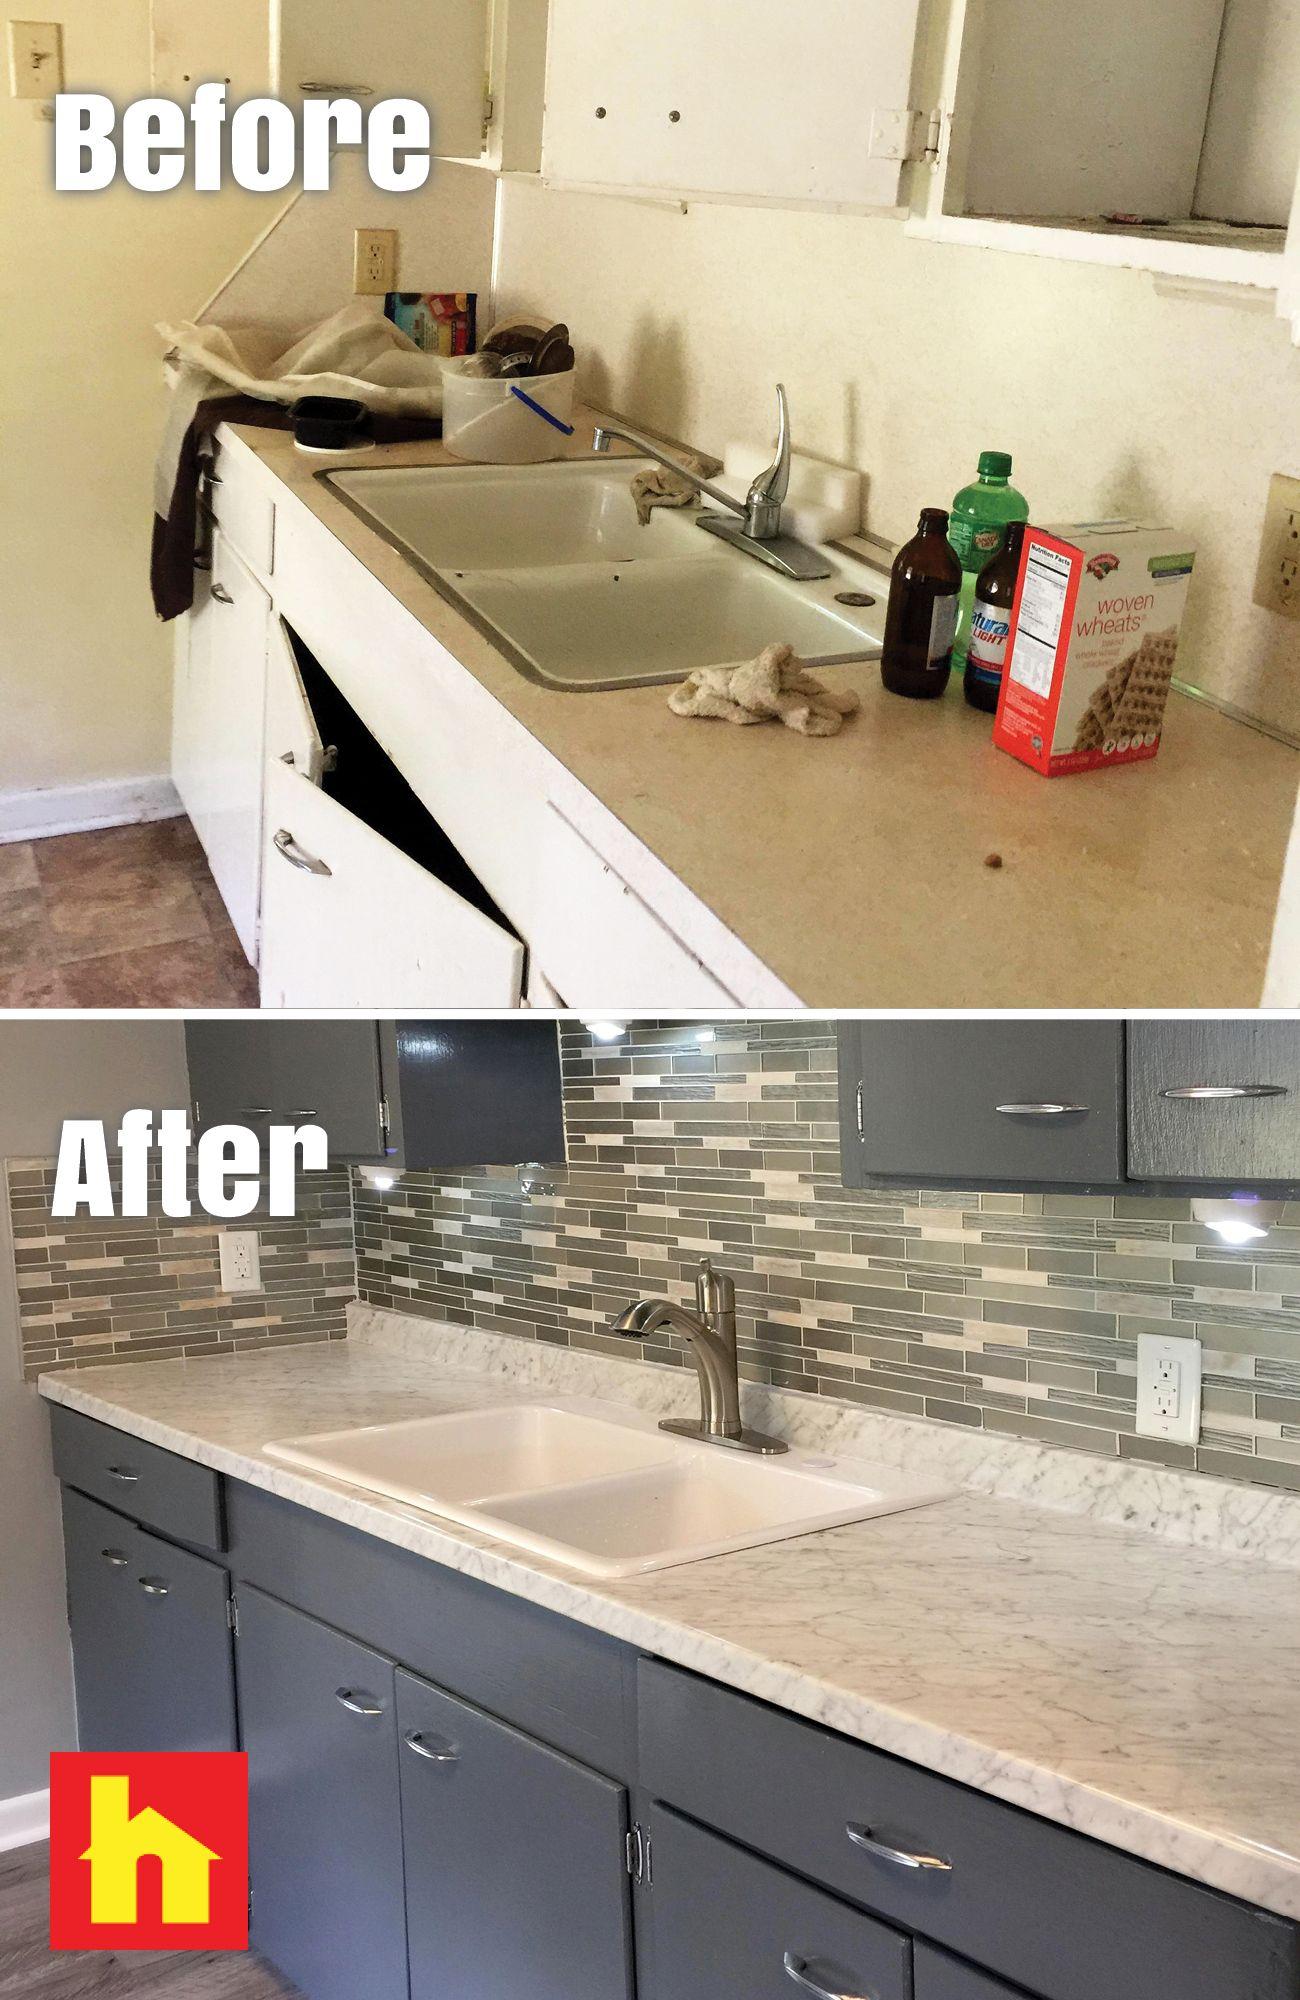 Bathroom Remodel By Rich O. Of Durham, NC. Backsplash, Counter And Flooring